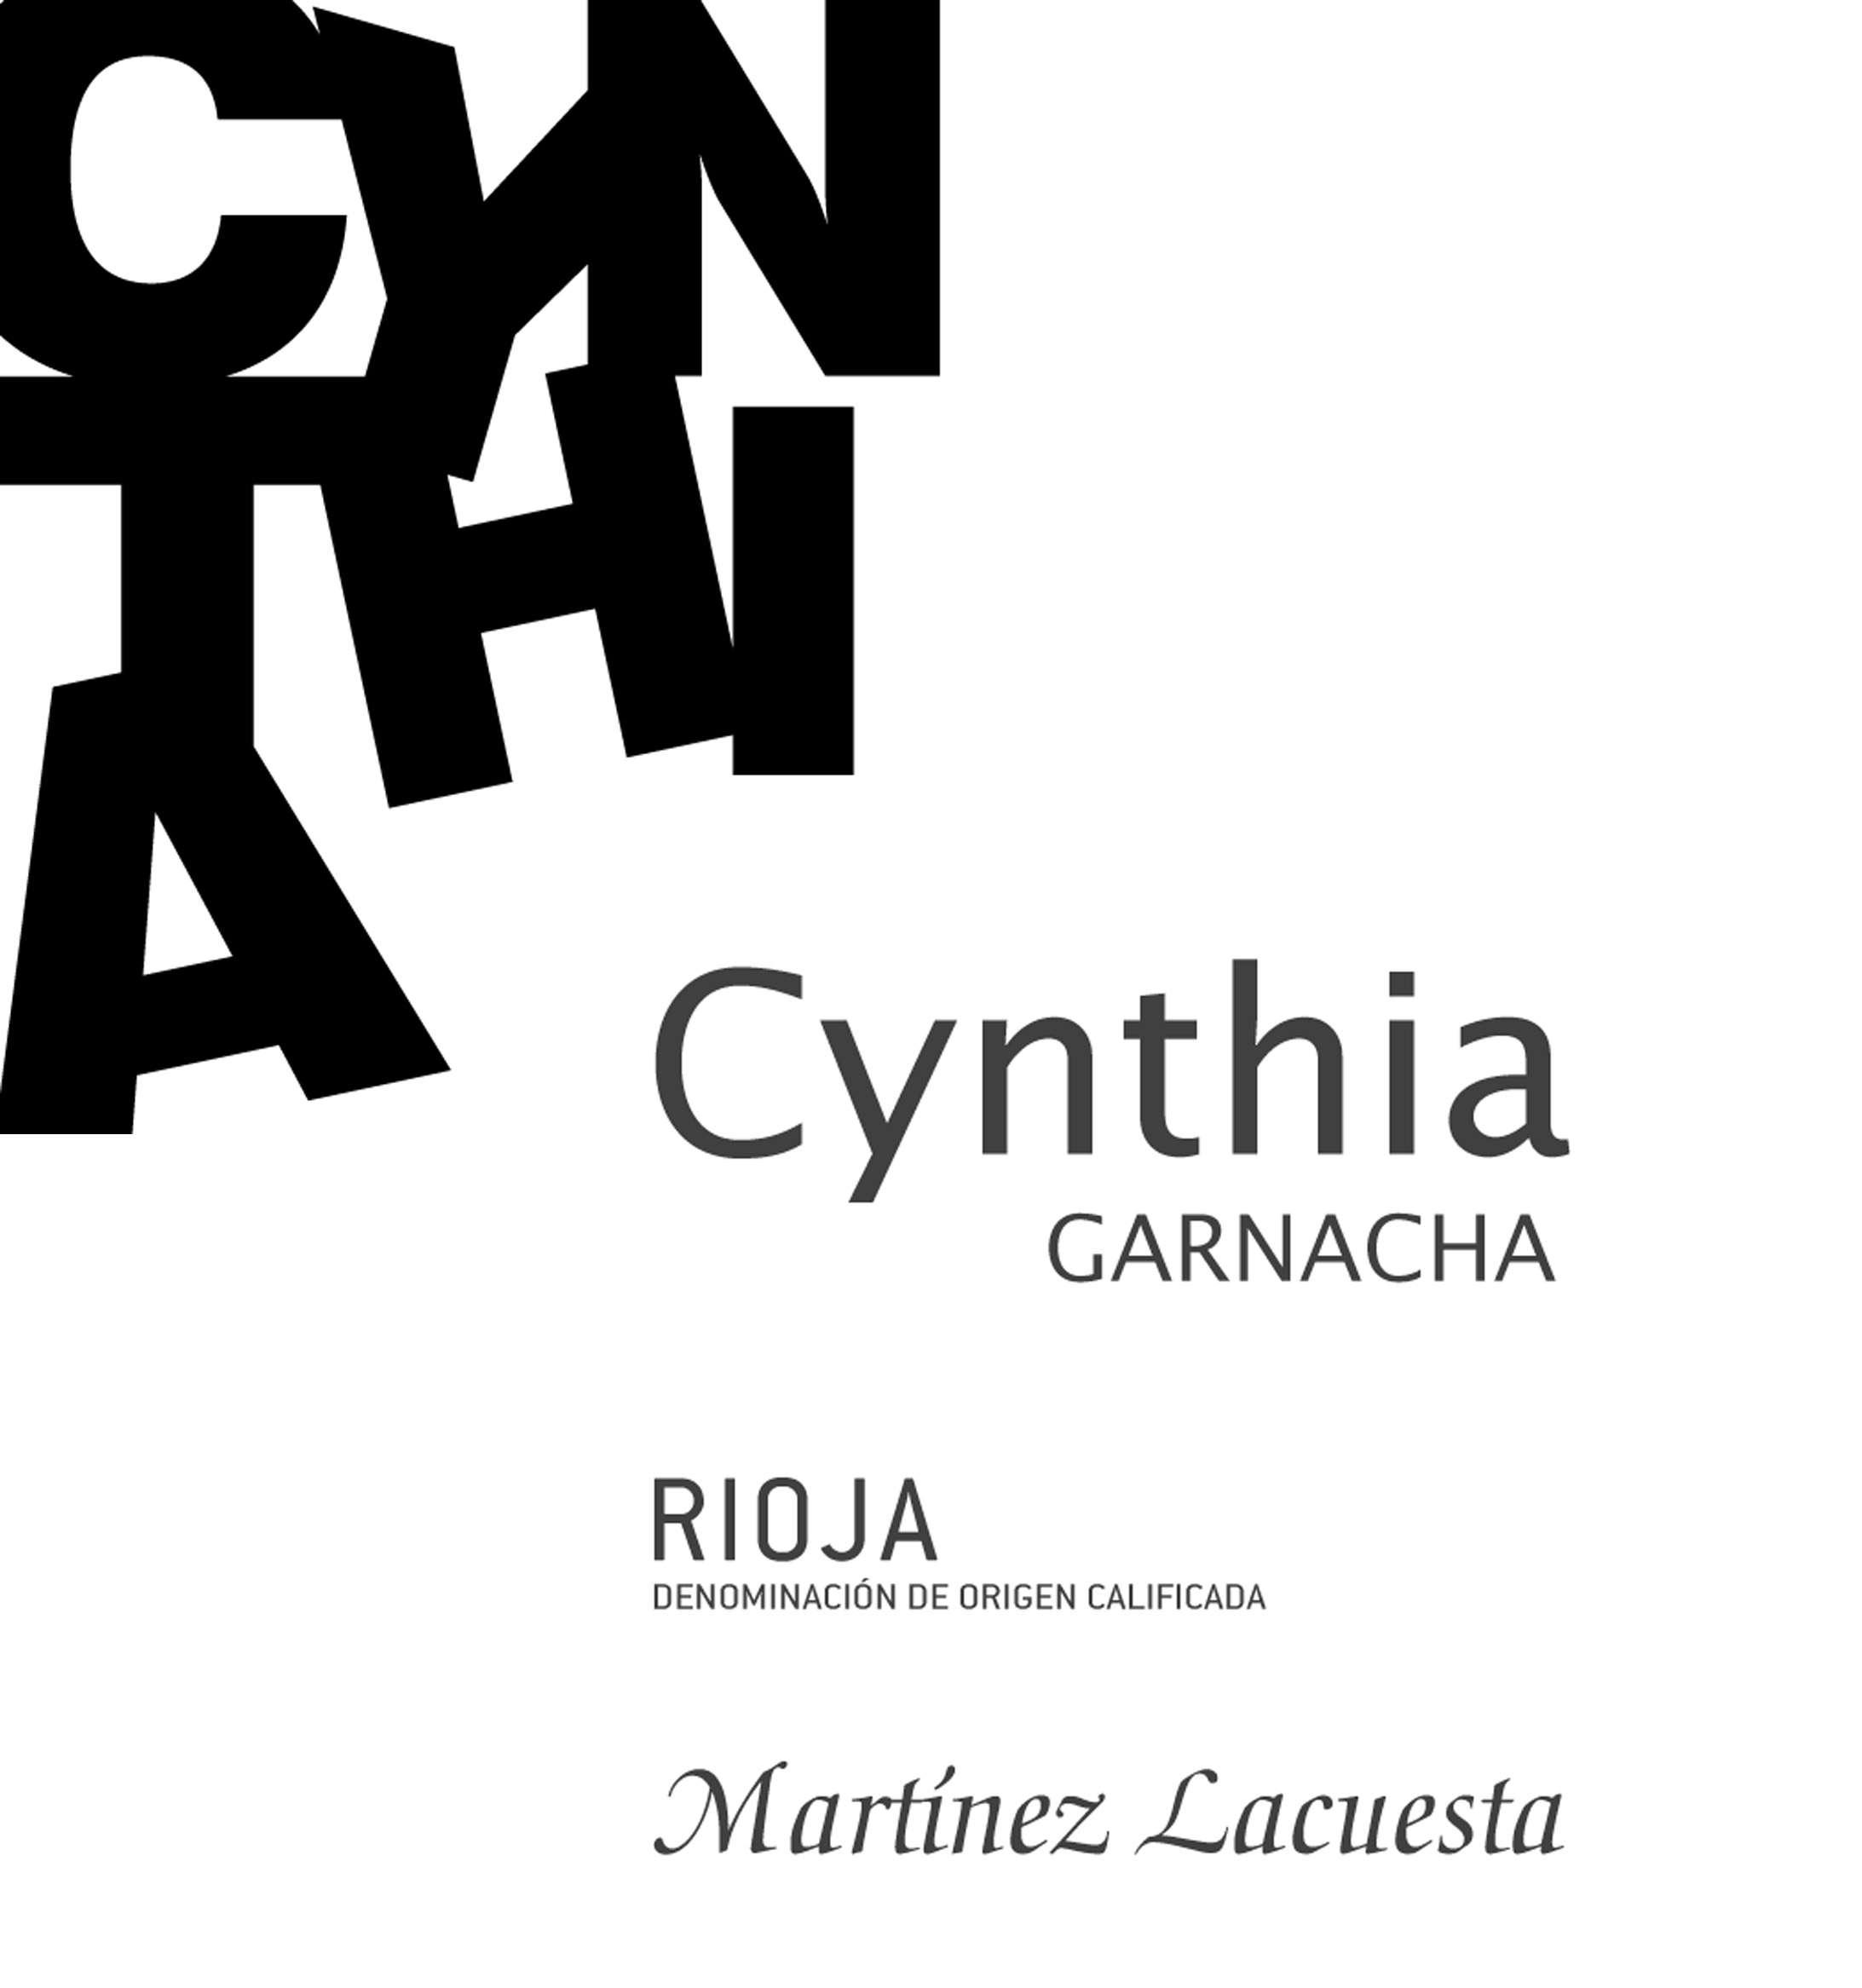 Cynthia Garnacha